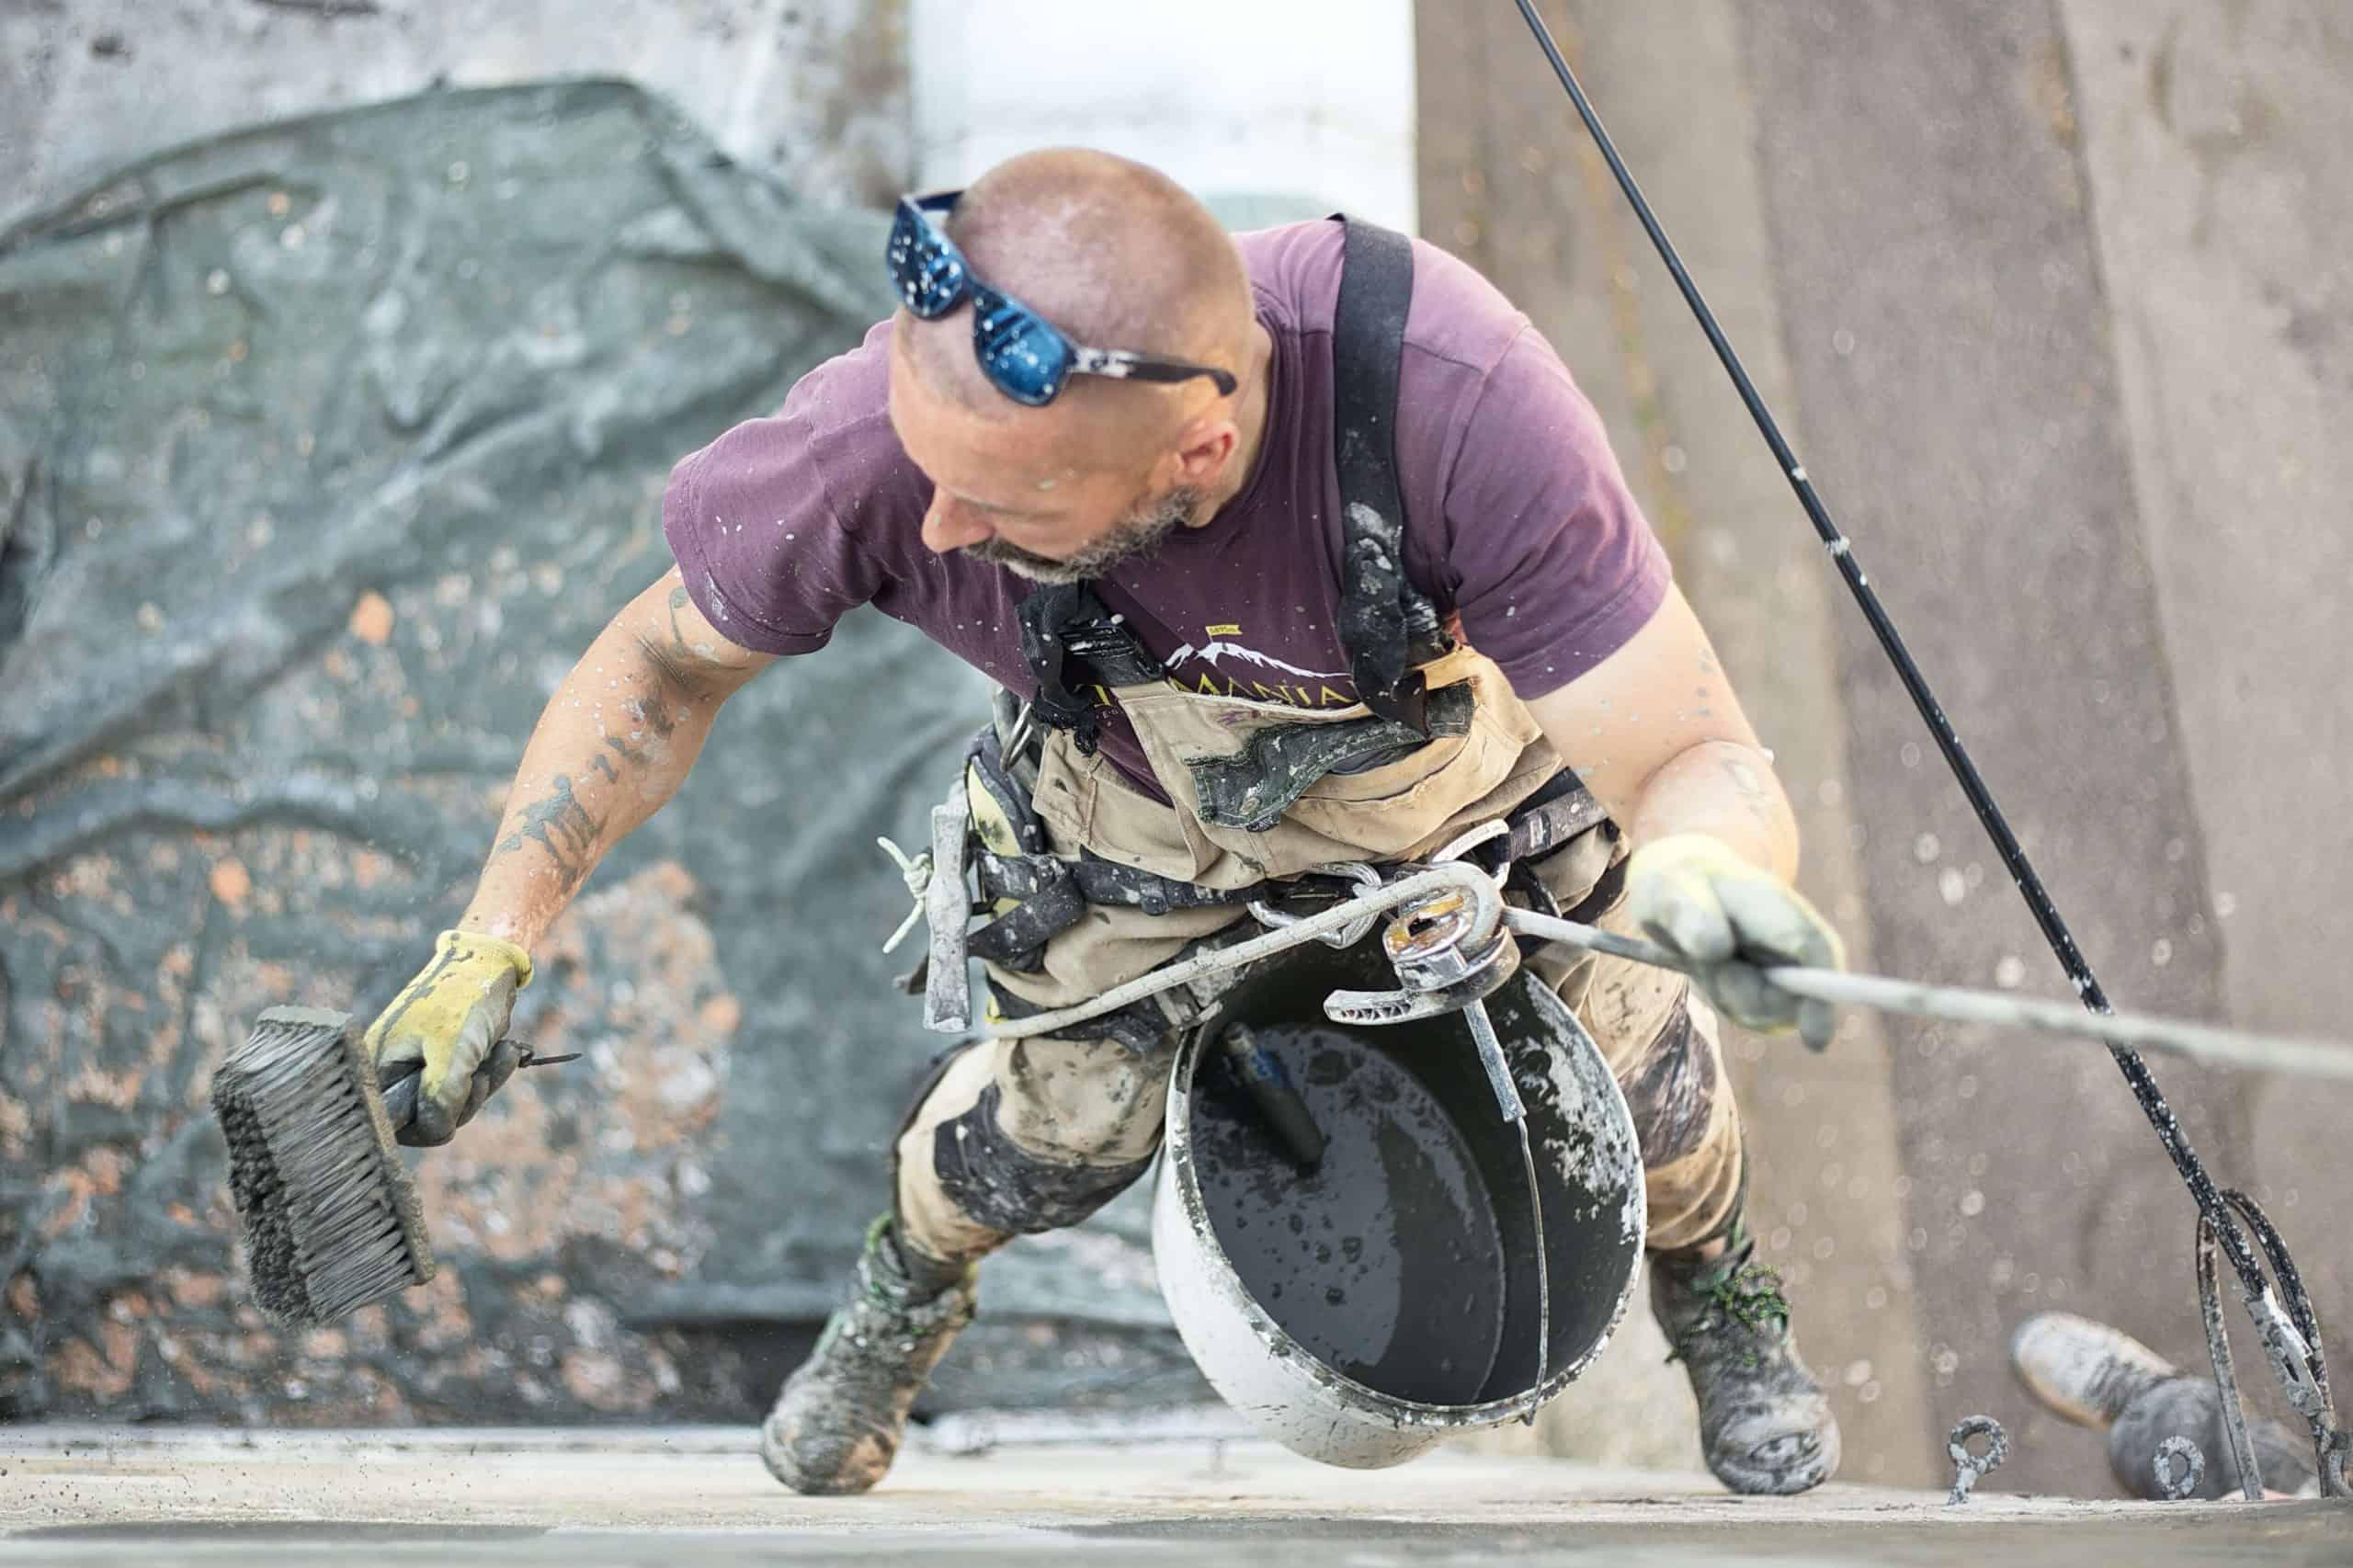 homens-em-trabalhos-perigosos